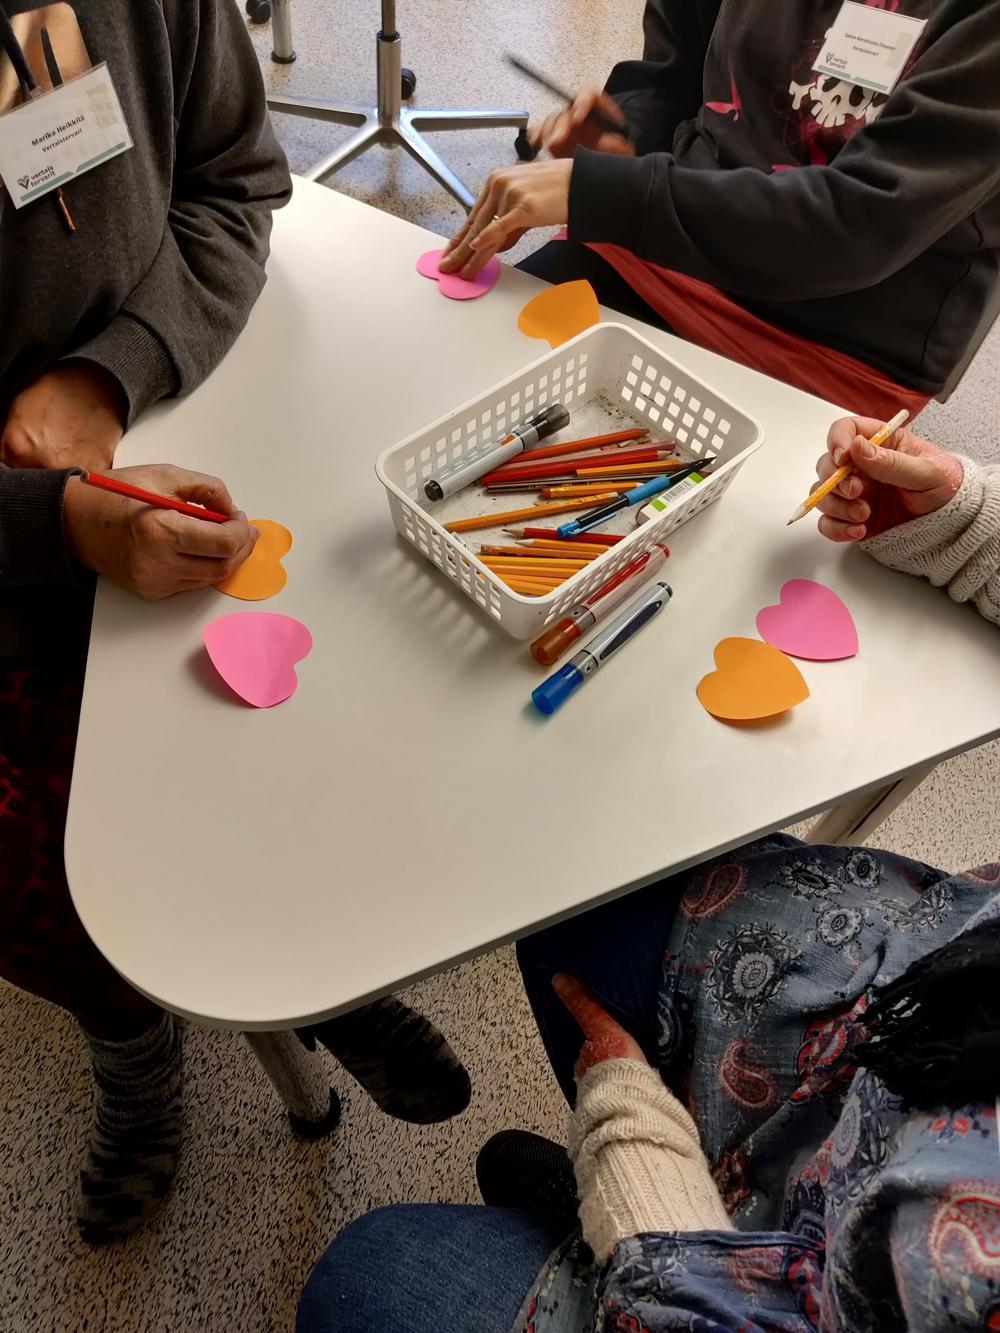 Kolme ihmistä kirjoittaa post-it lapuille kynällä pöydän ääressä.